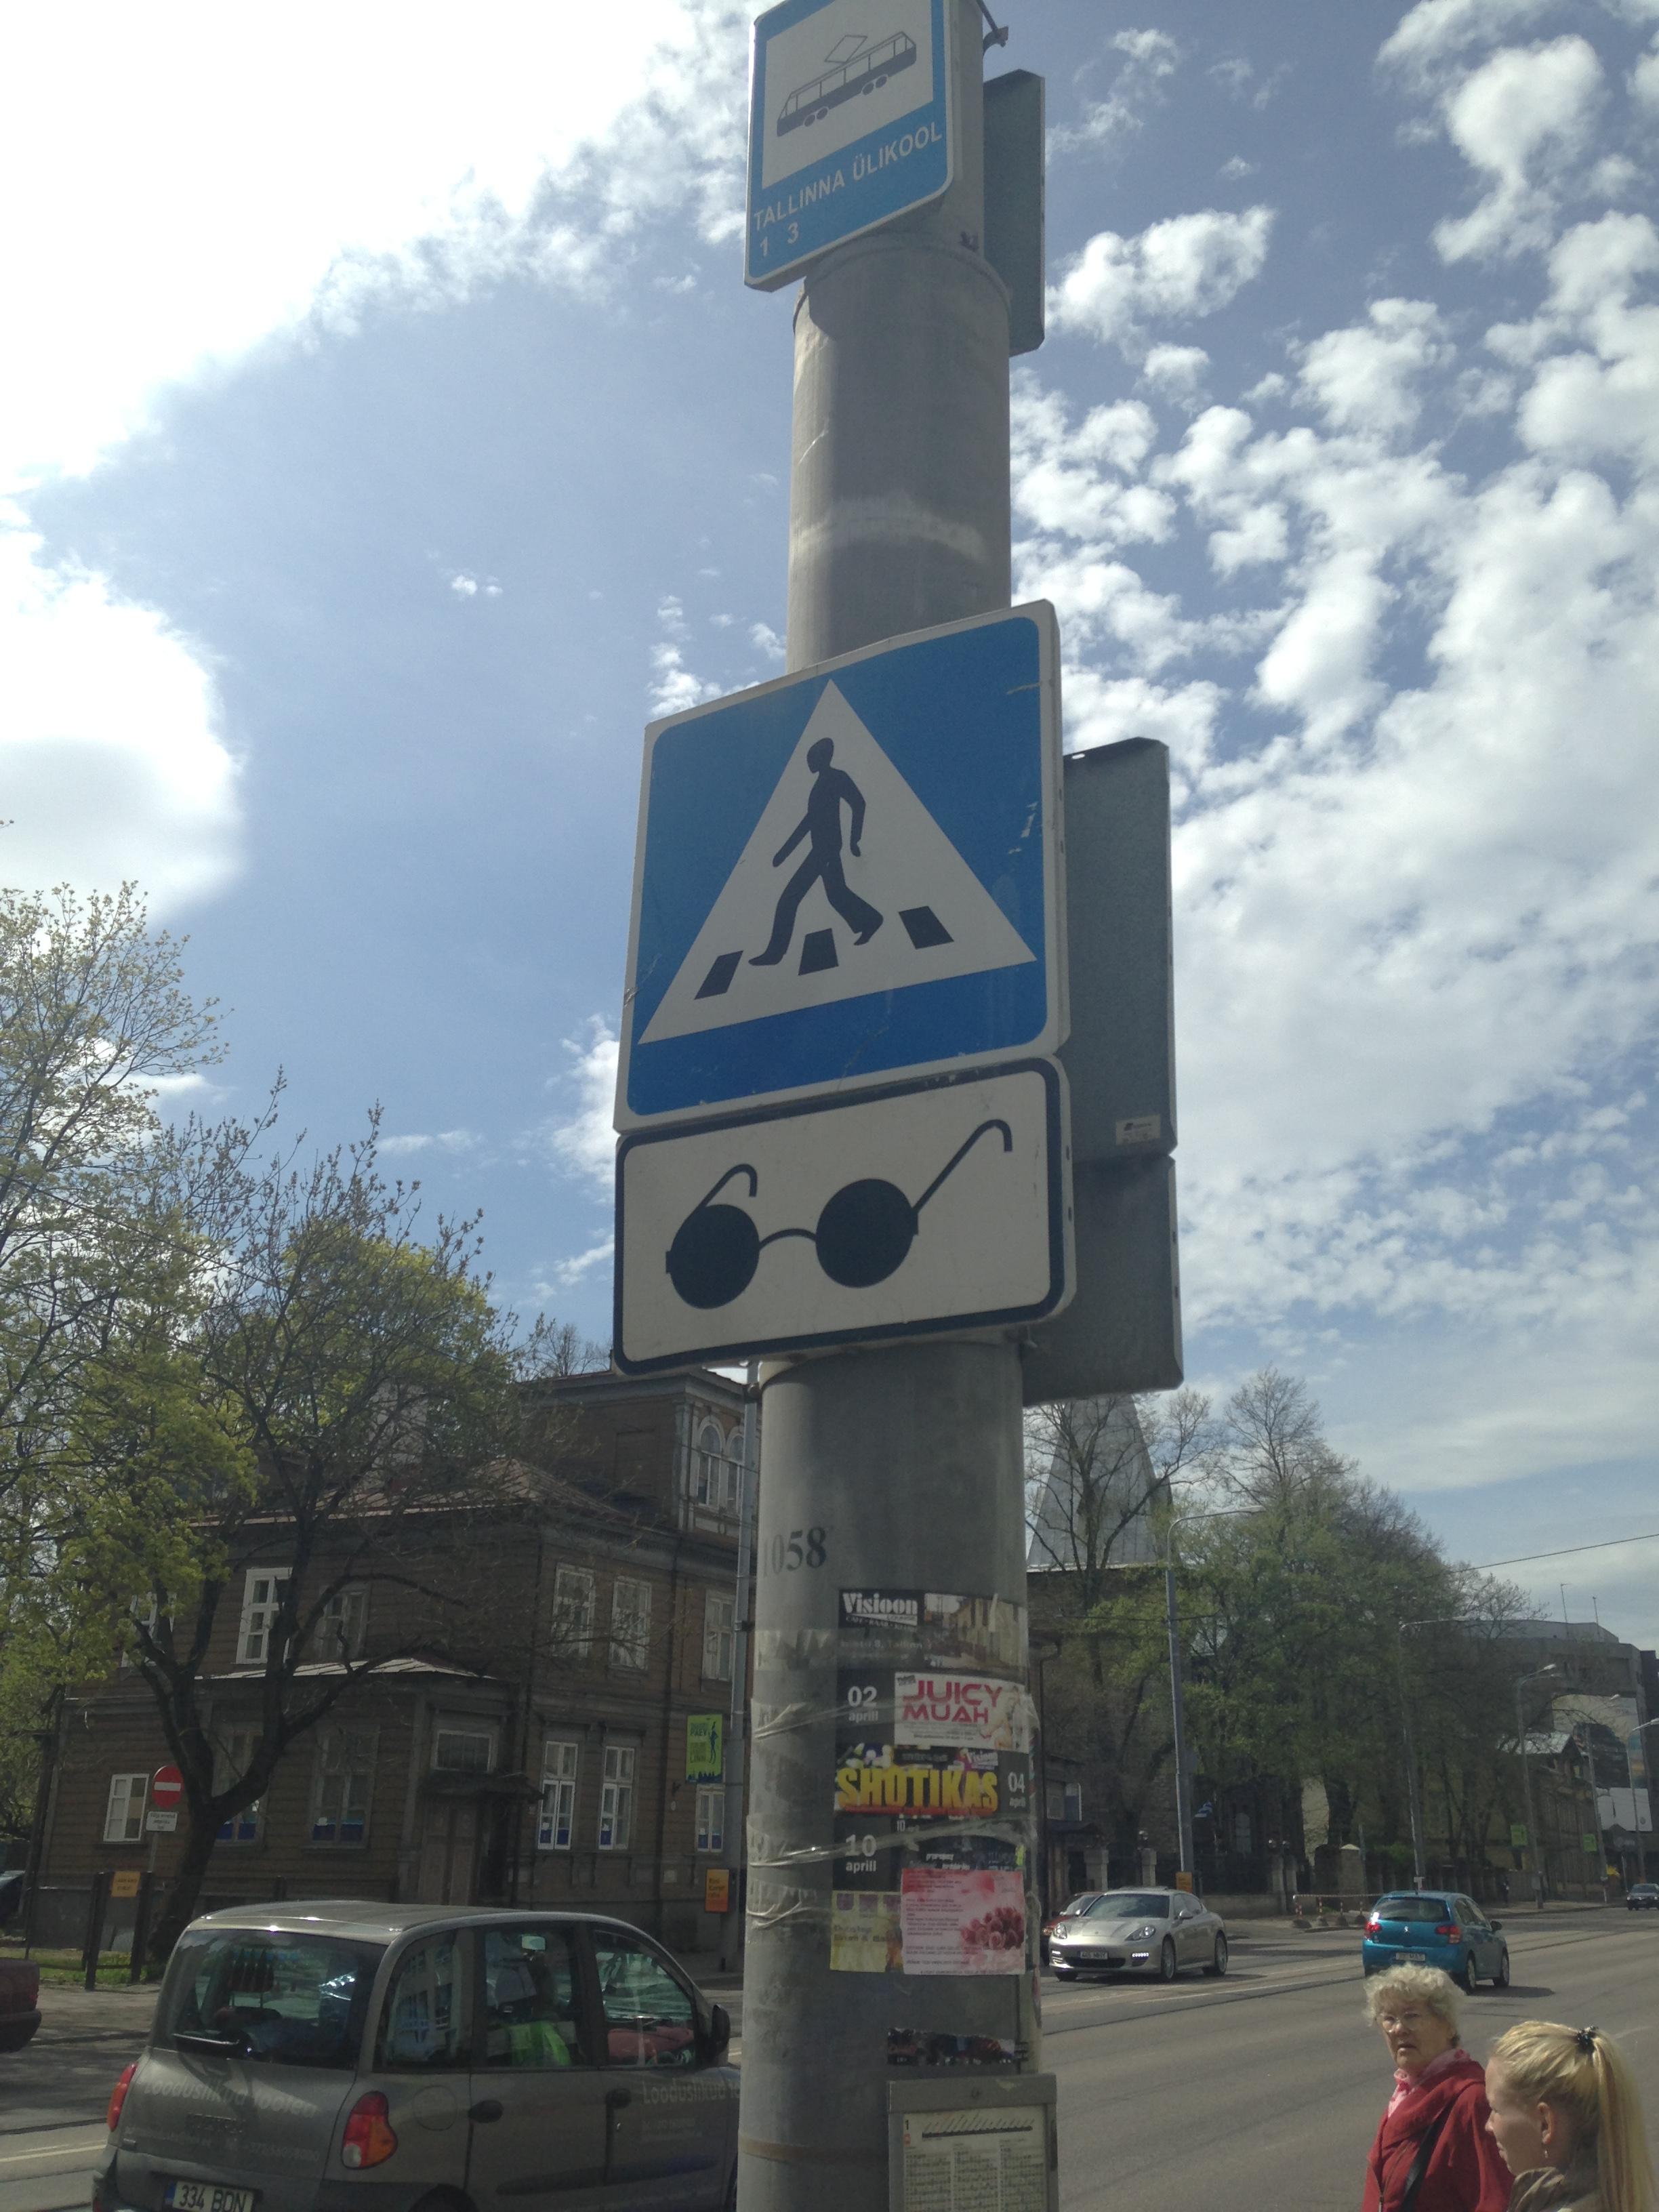 circleglasses crossing